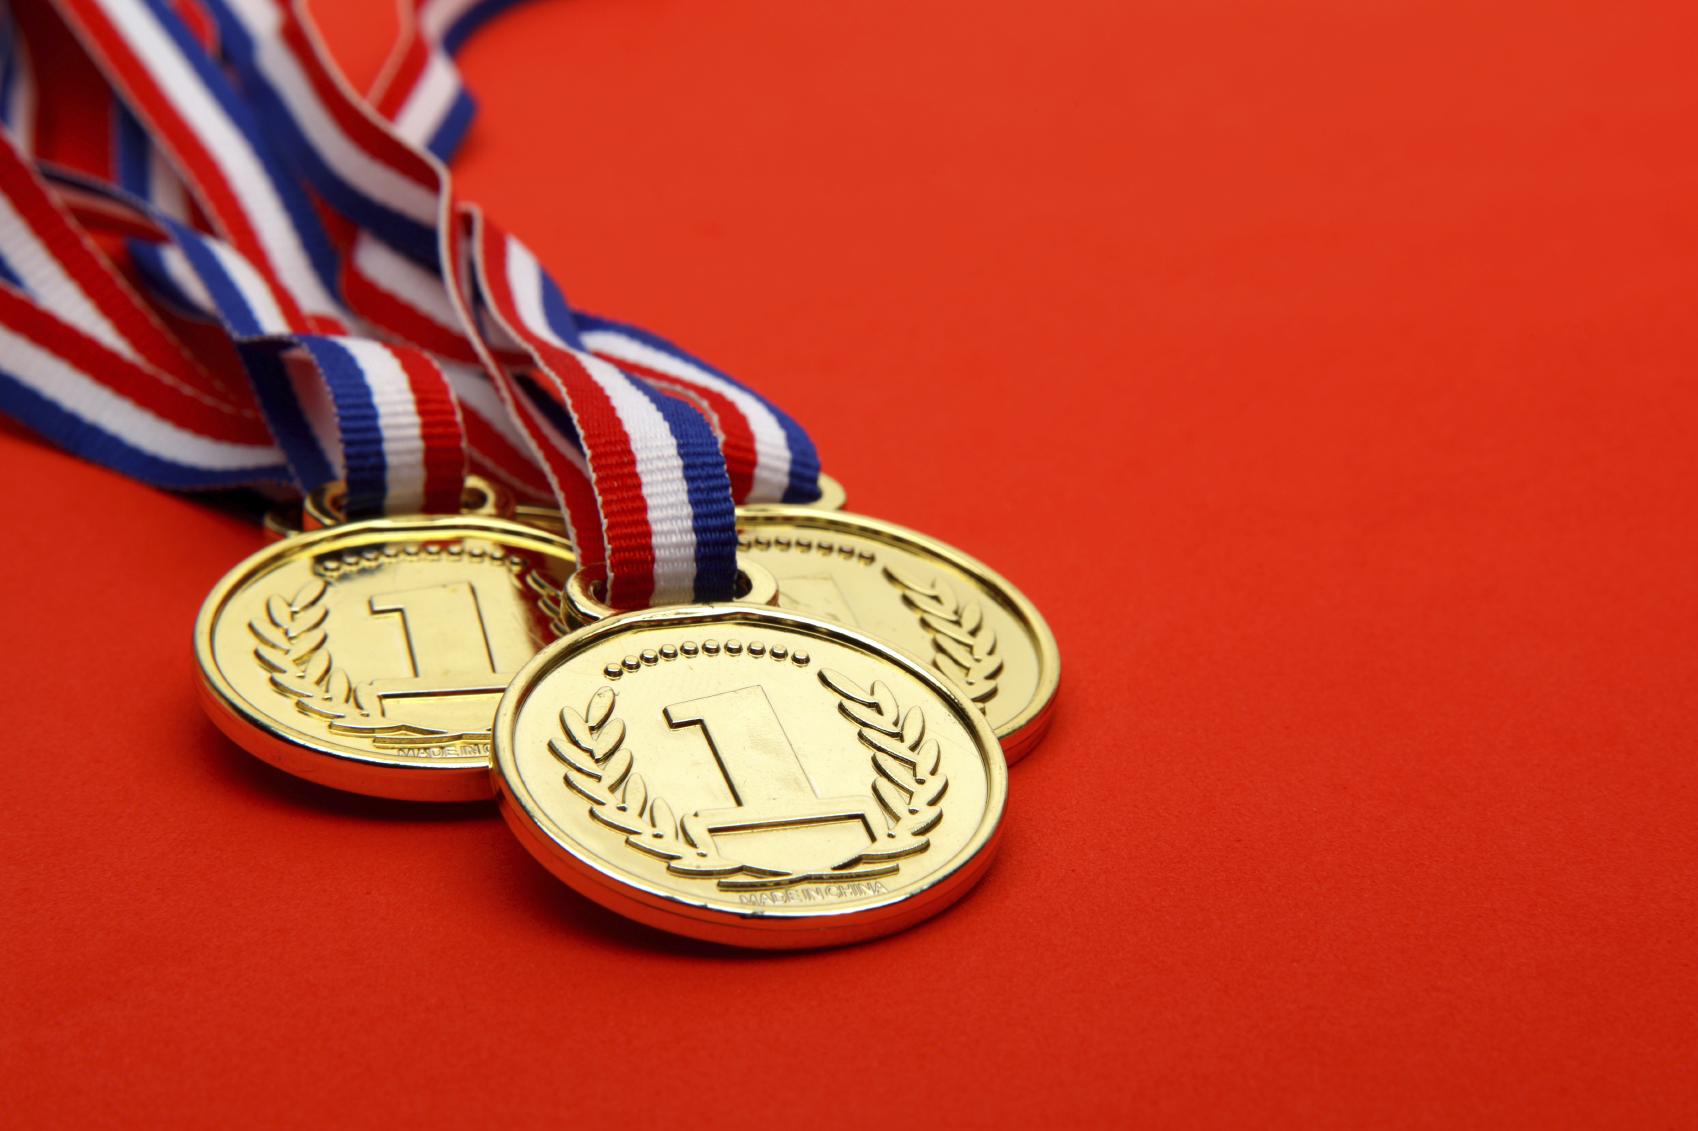 Elevii români au obținut cinci medalii la Olimpiada Internațională de Astronomie și Astrofizică